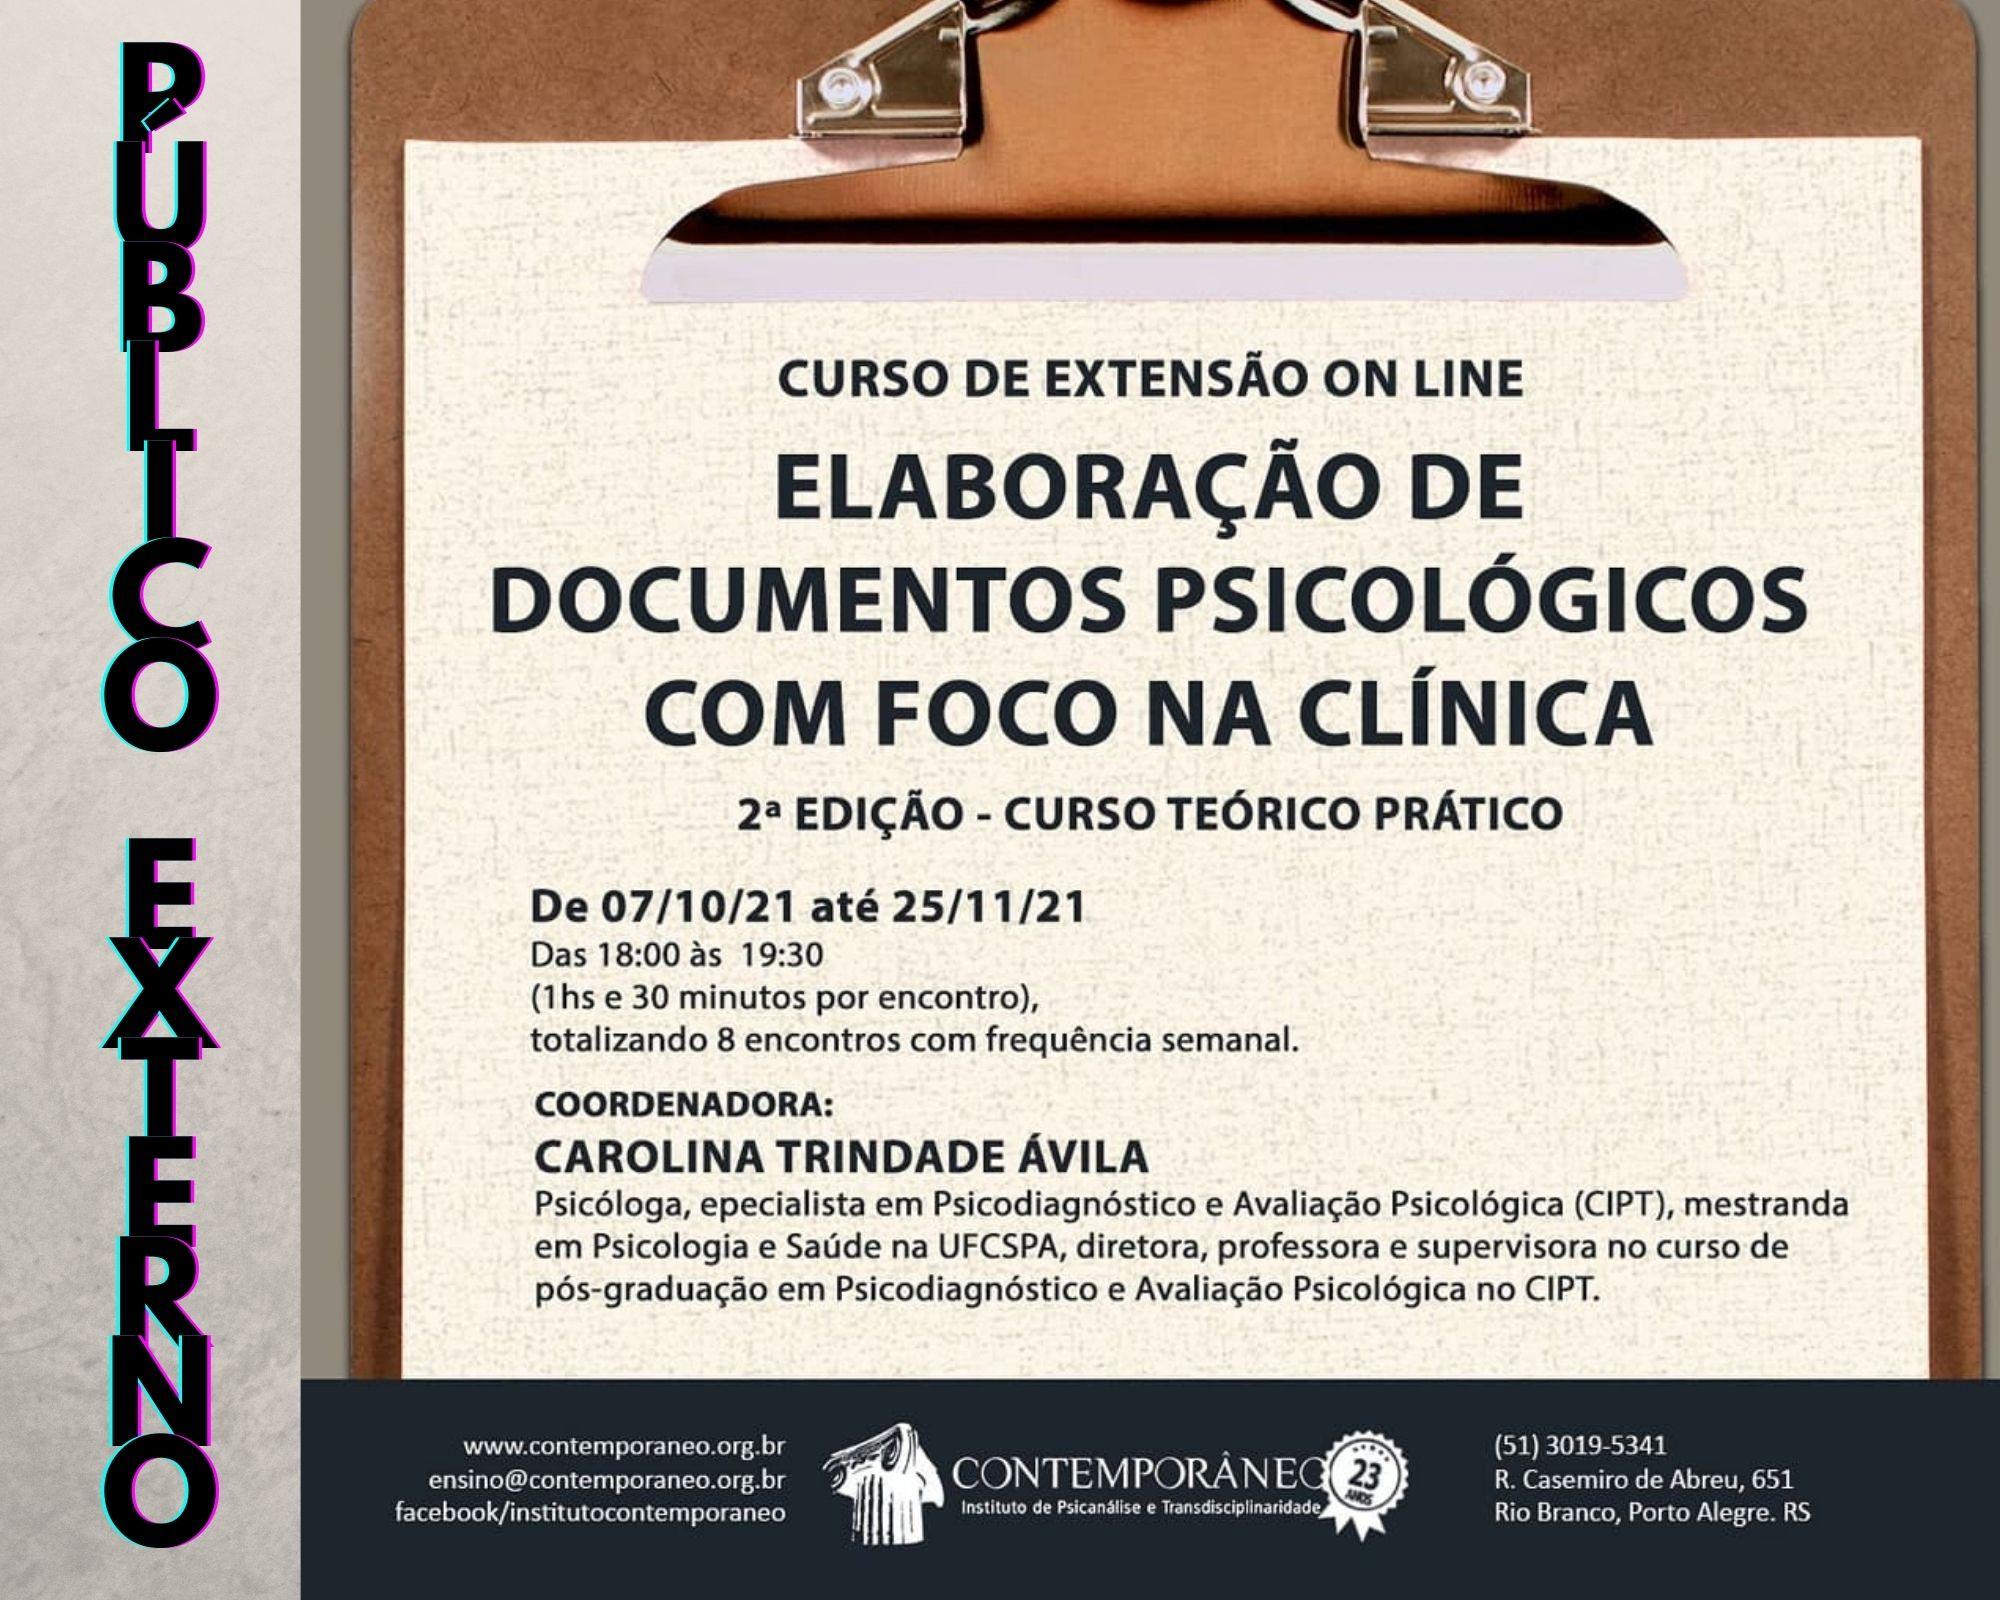 Curso para Elaboração de Documentos Psicológicos com Foco na Clínica - Público Externo